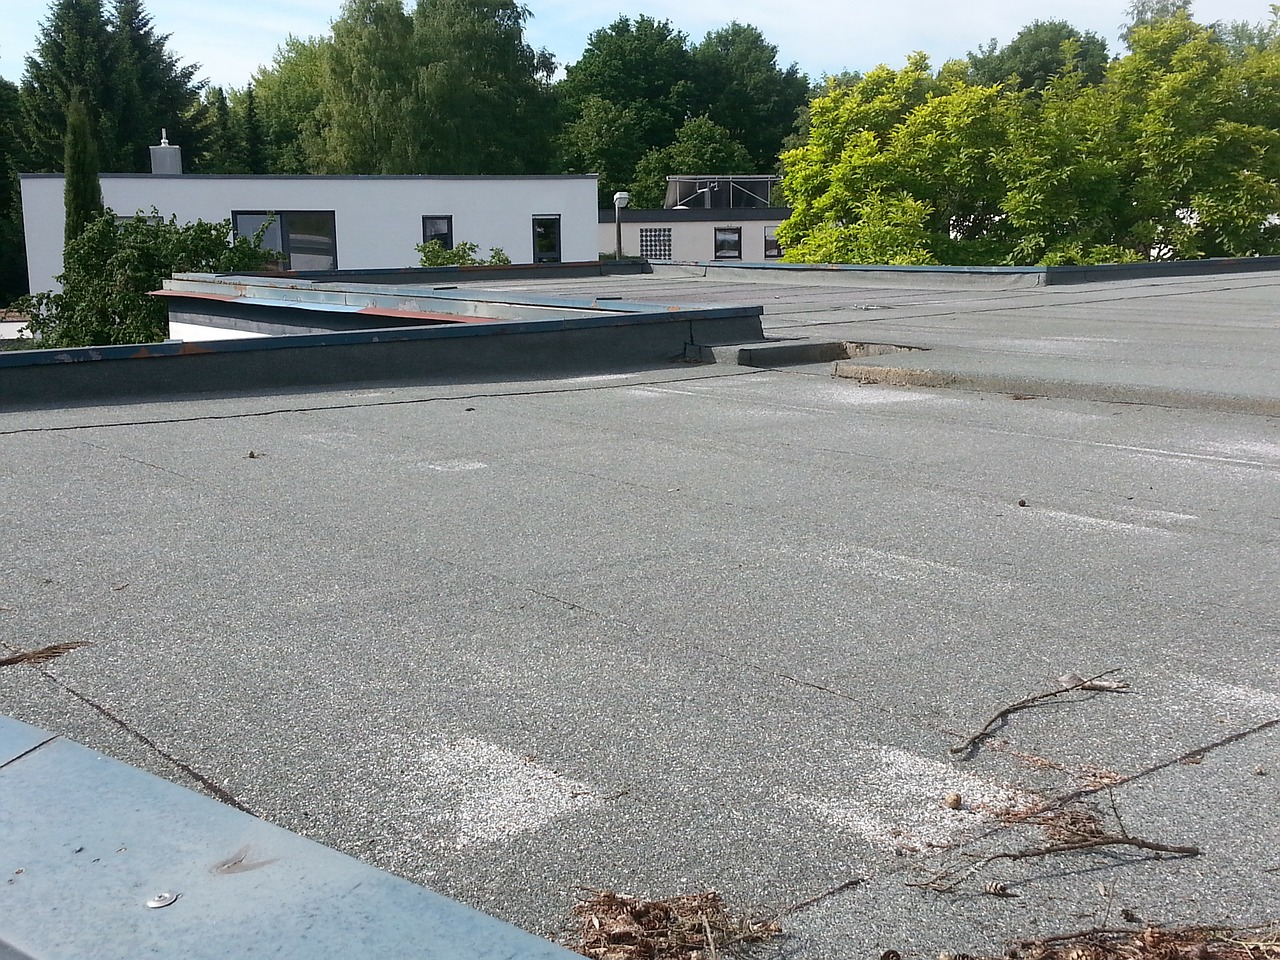 Szczelność dachu – sprawdzenie szczelności dachu. Uszczelnianie dachu z papy – uszczelniacz dekarski Lakma